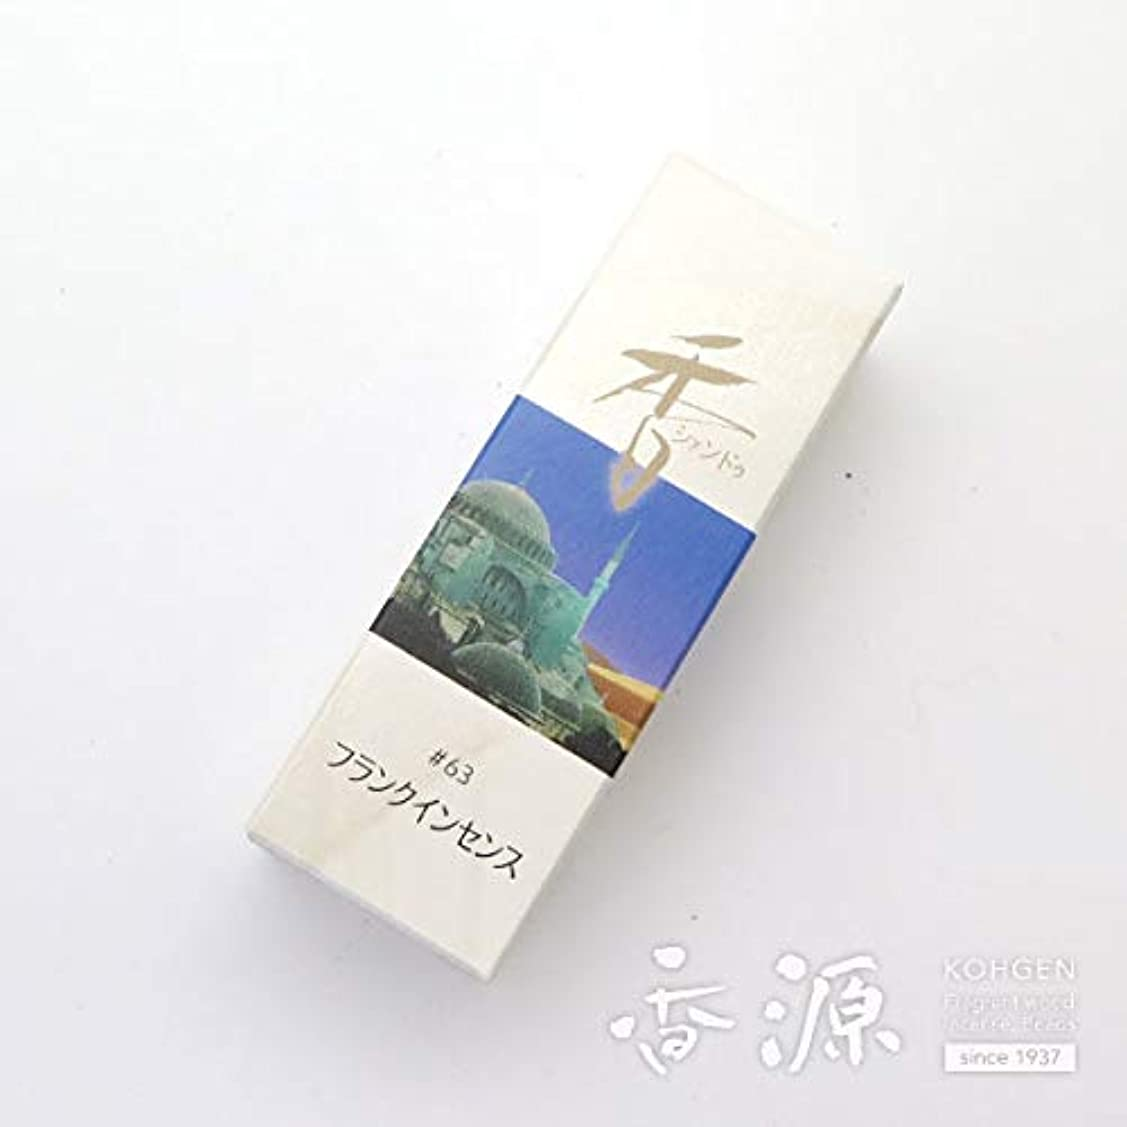 ダニ王子謝罪するXiang Do(シャンドゥ) 松栄堂のお香 フランクインセンス ST20本入 簡易香立付 #214263